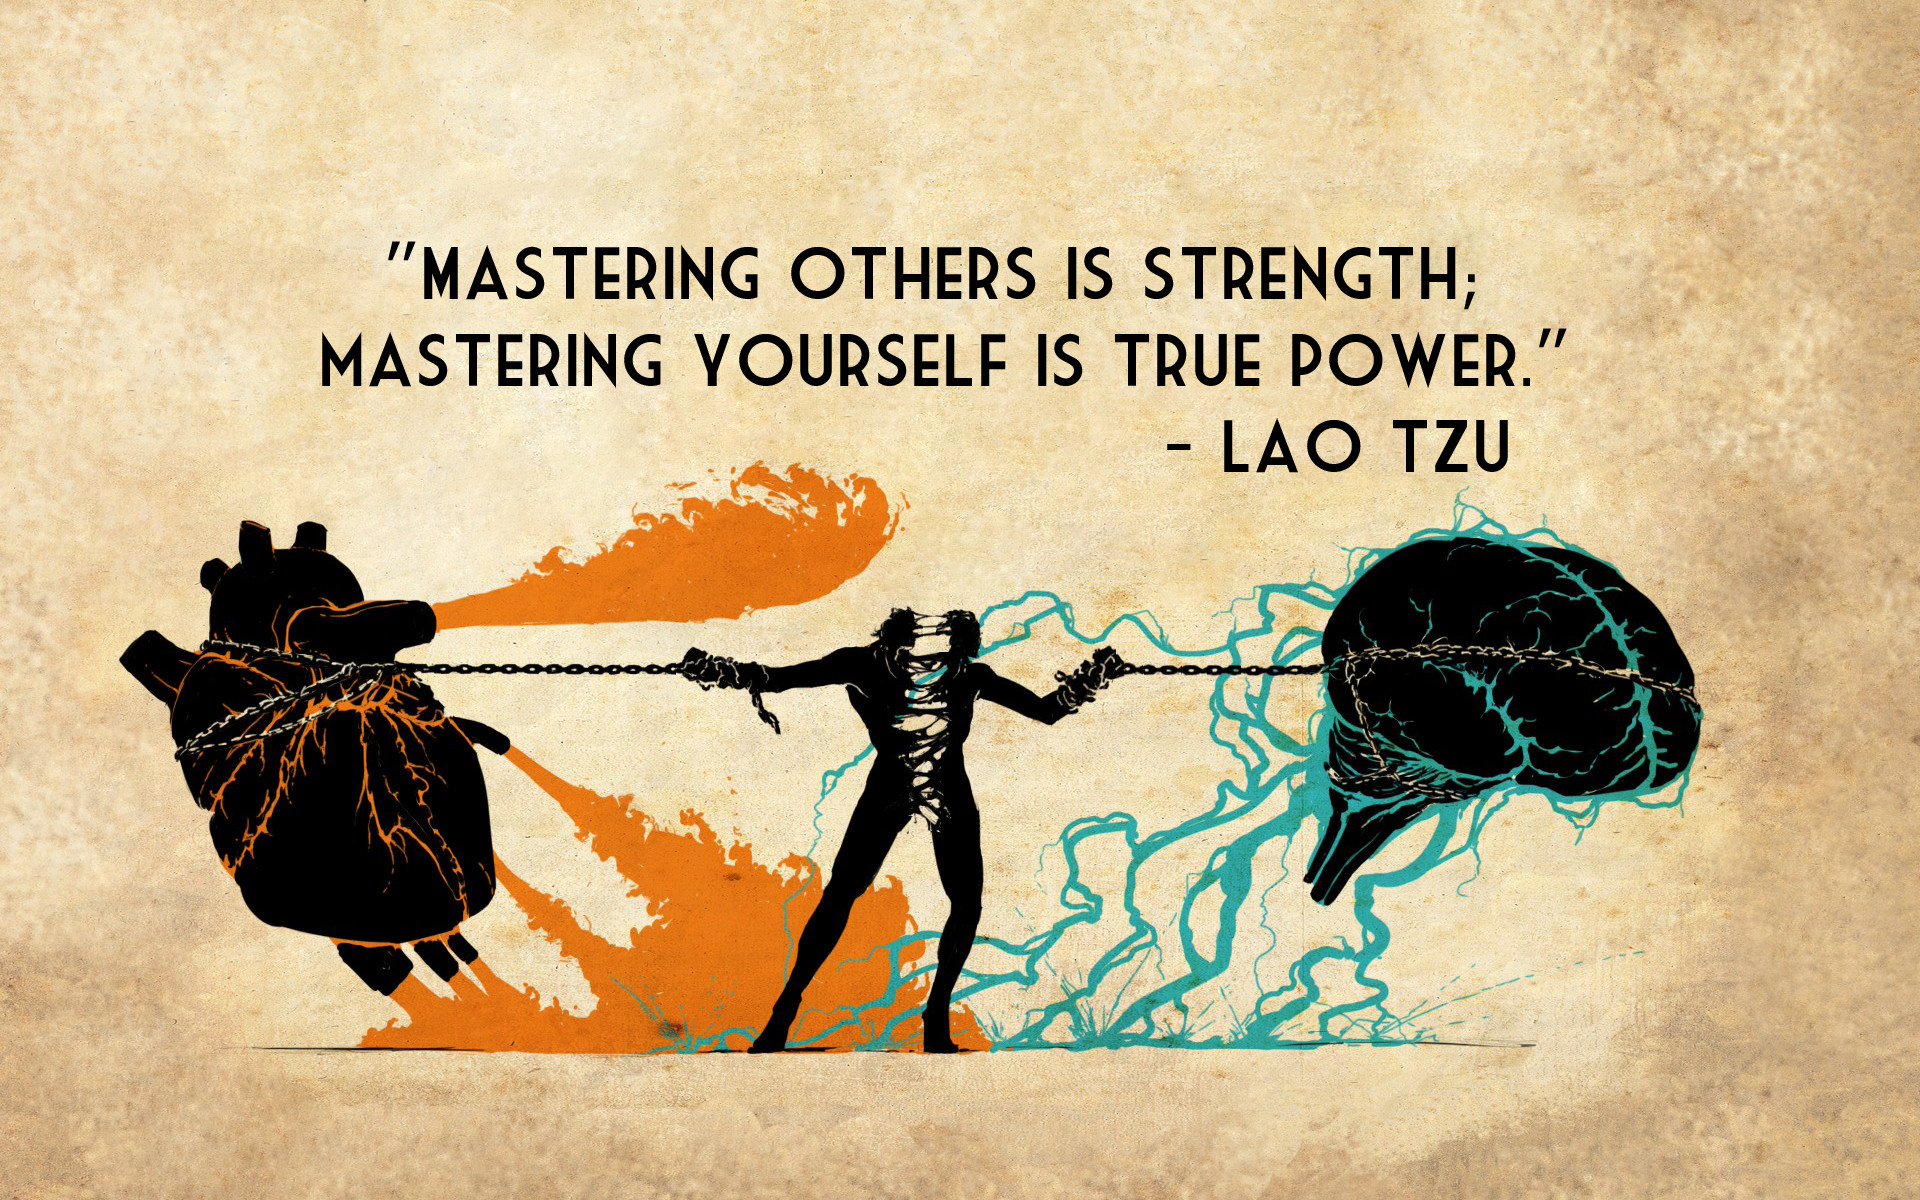 Lao Tzu Wallpaper 79 images 1920x1200